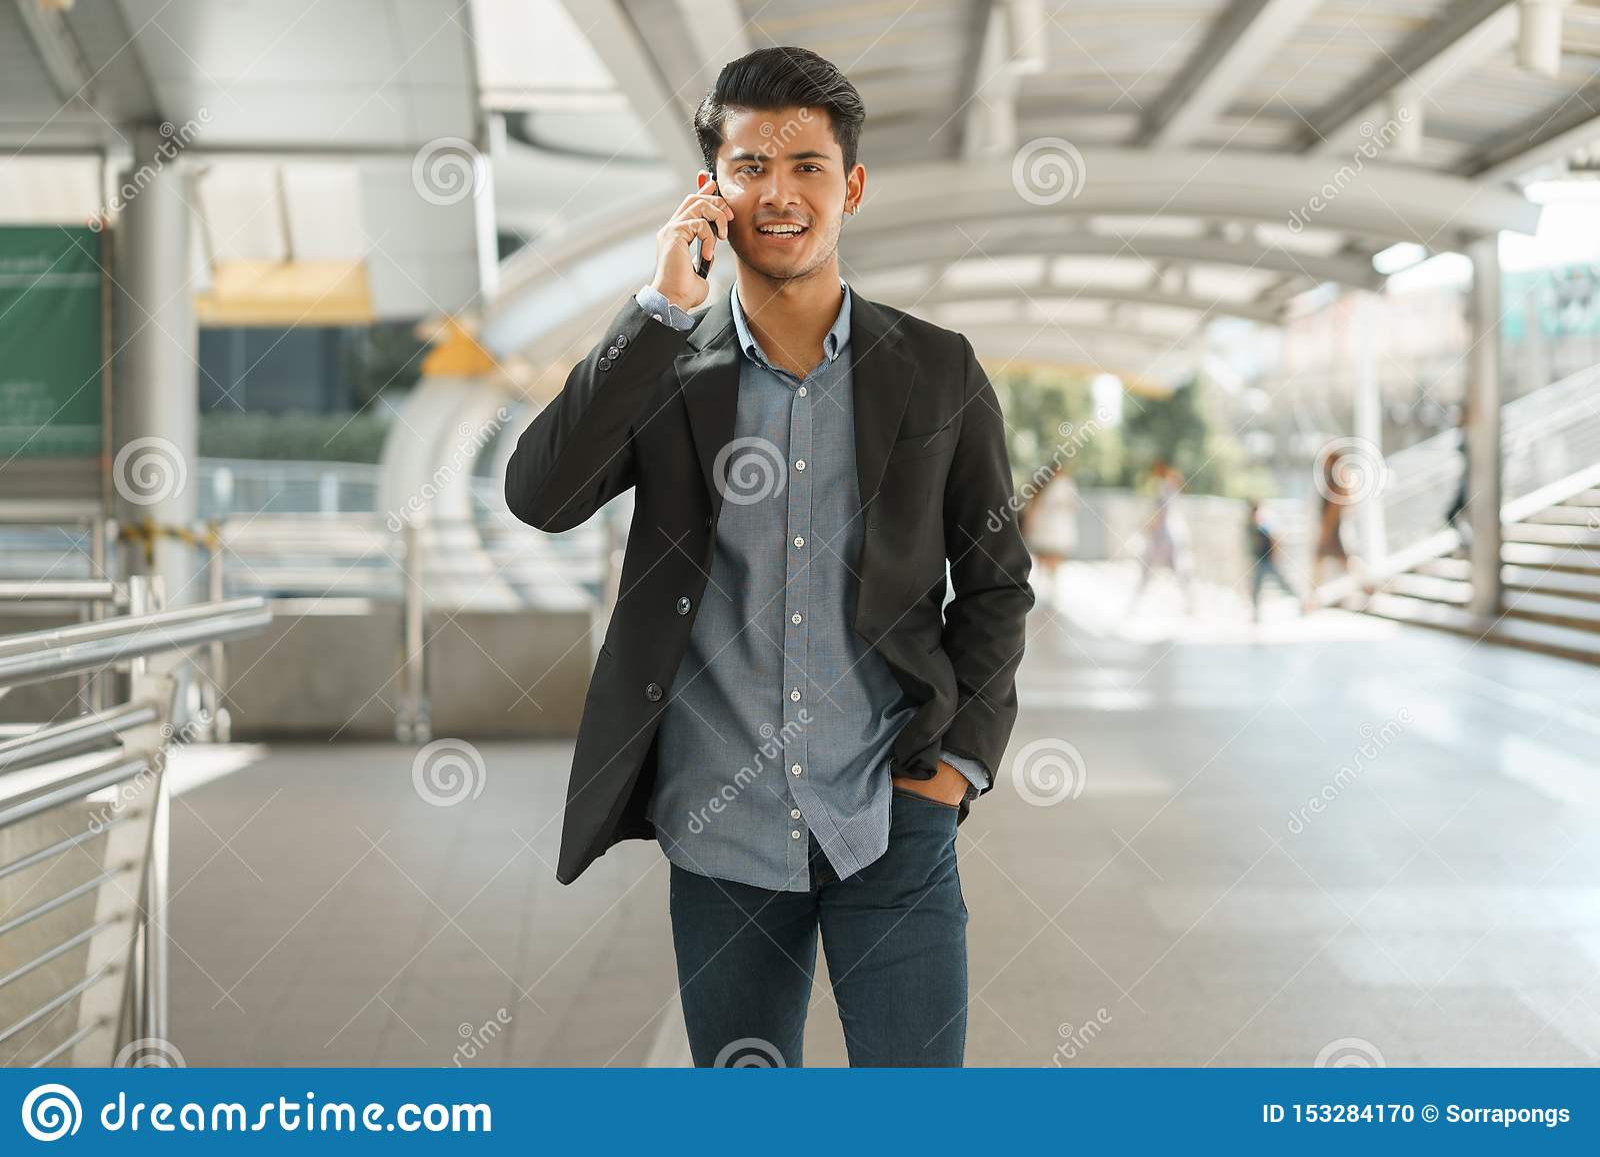 Porträt der jungen Geschäftsmannstellung im äußeren Büro und der Unterhaltung auf Smartphone Asiatischer Geschäftsmann-Abnutzungs